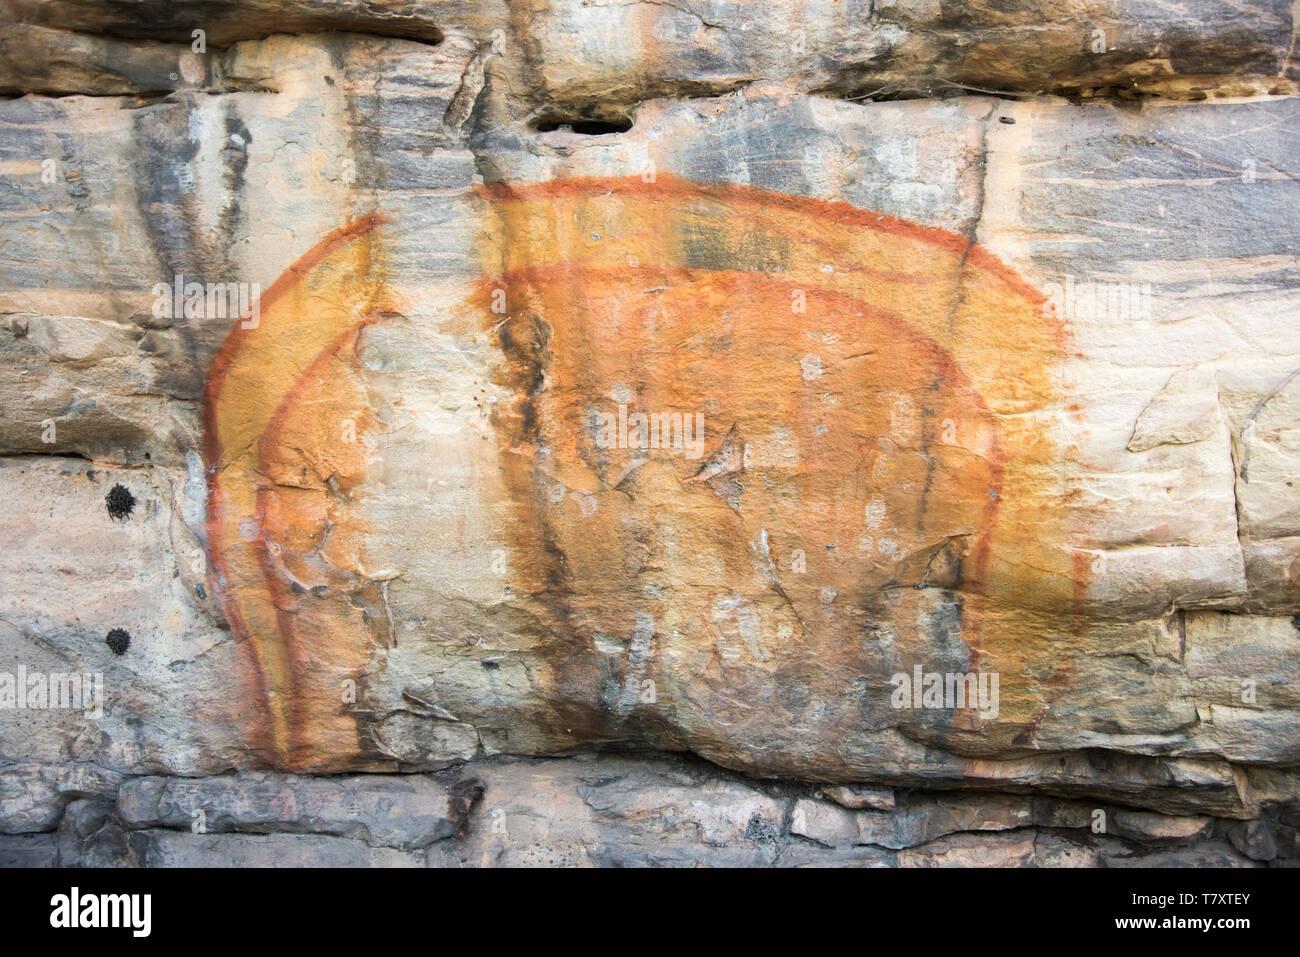 El antiguo arte rupestre en los refugios de piedra natural en el Parque Nacional Kakadu, en el Territorio Norte de Australia Imagen De Stock